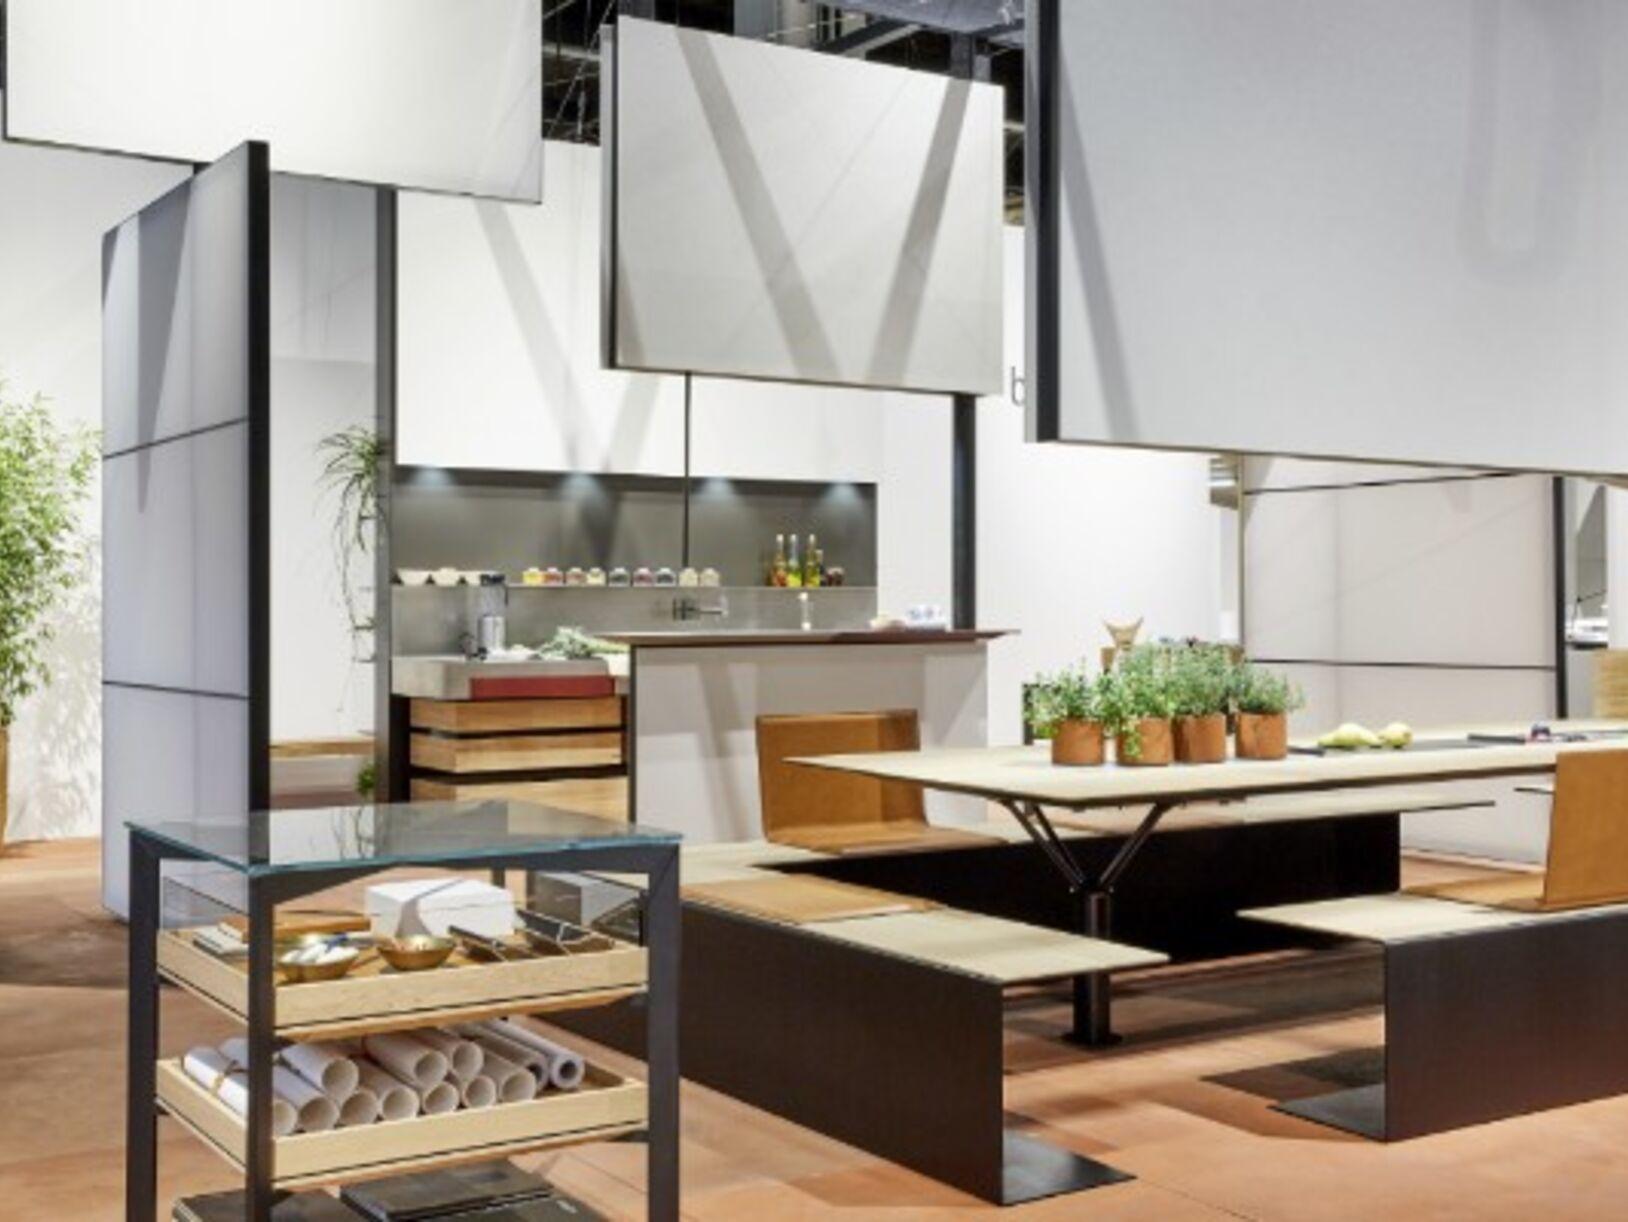 bulthaup design keukens